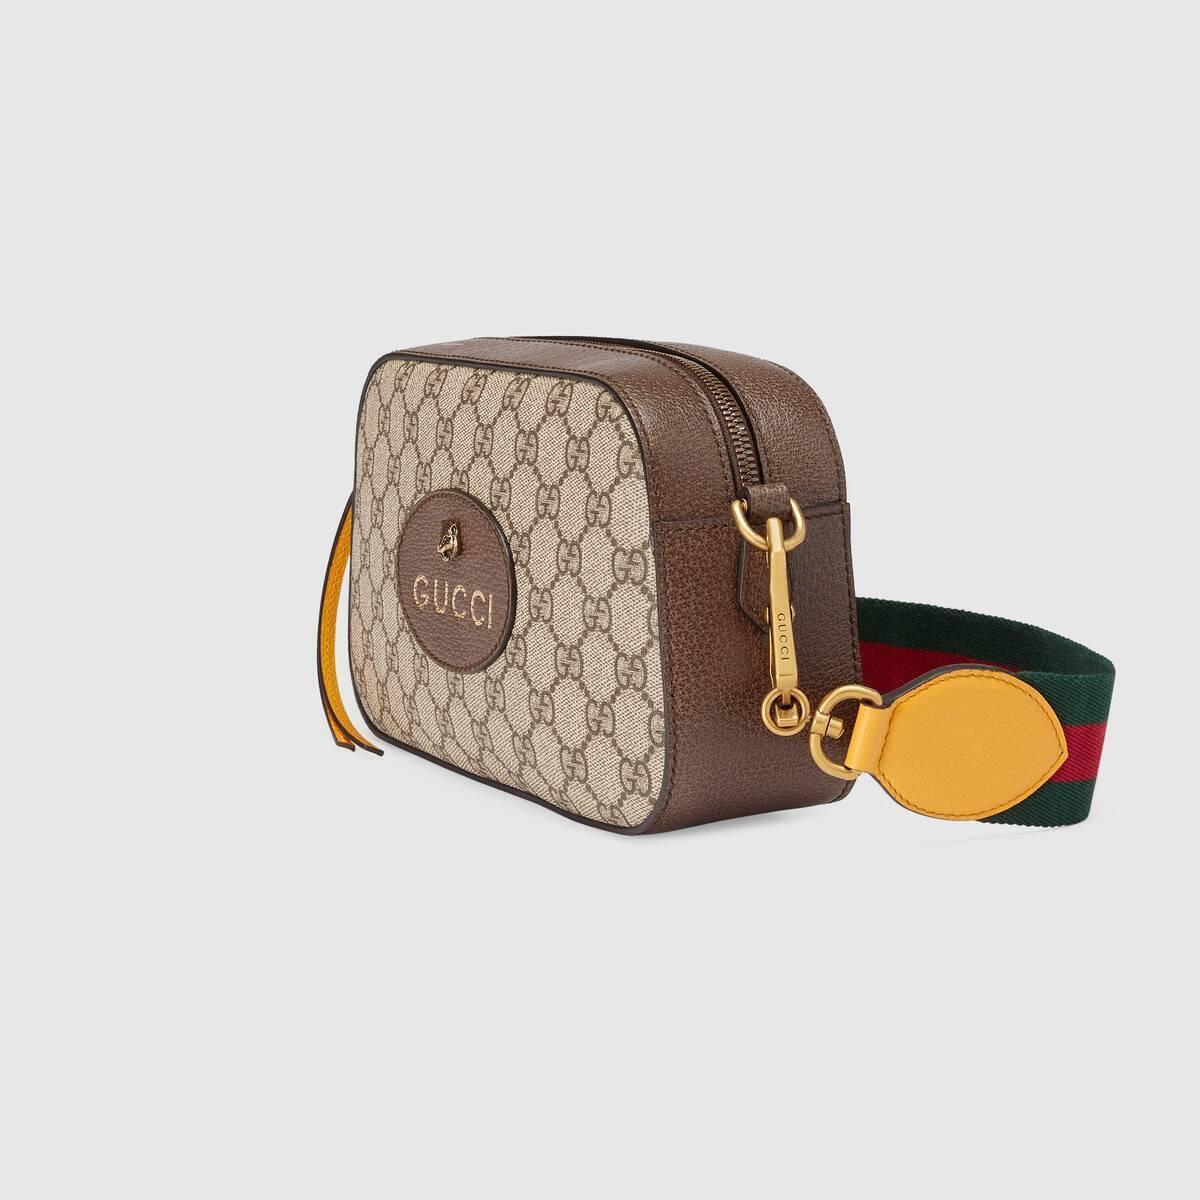 GUCCI Satchels Neo Vintage GG Supreme messenger bag 6